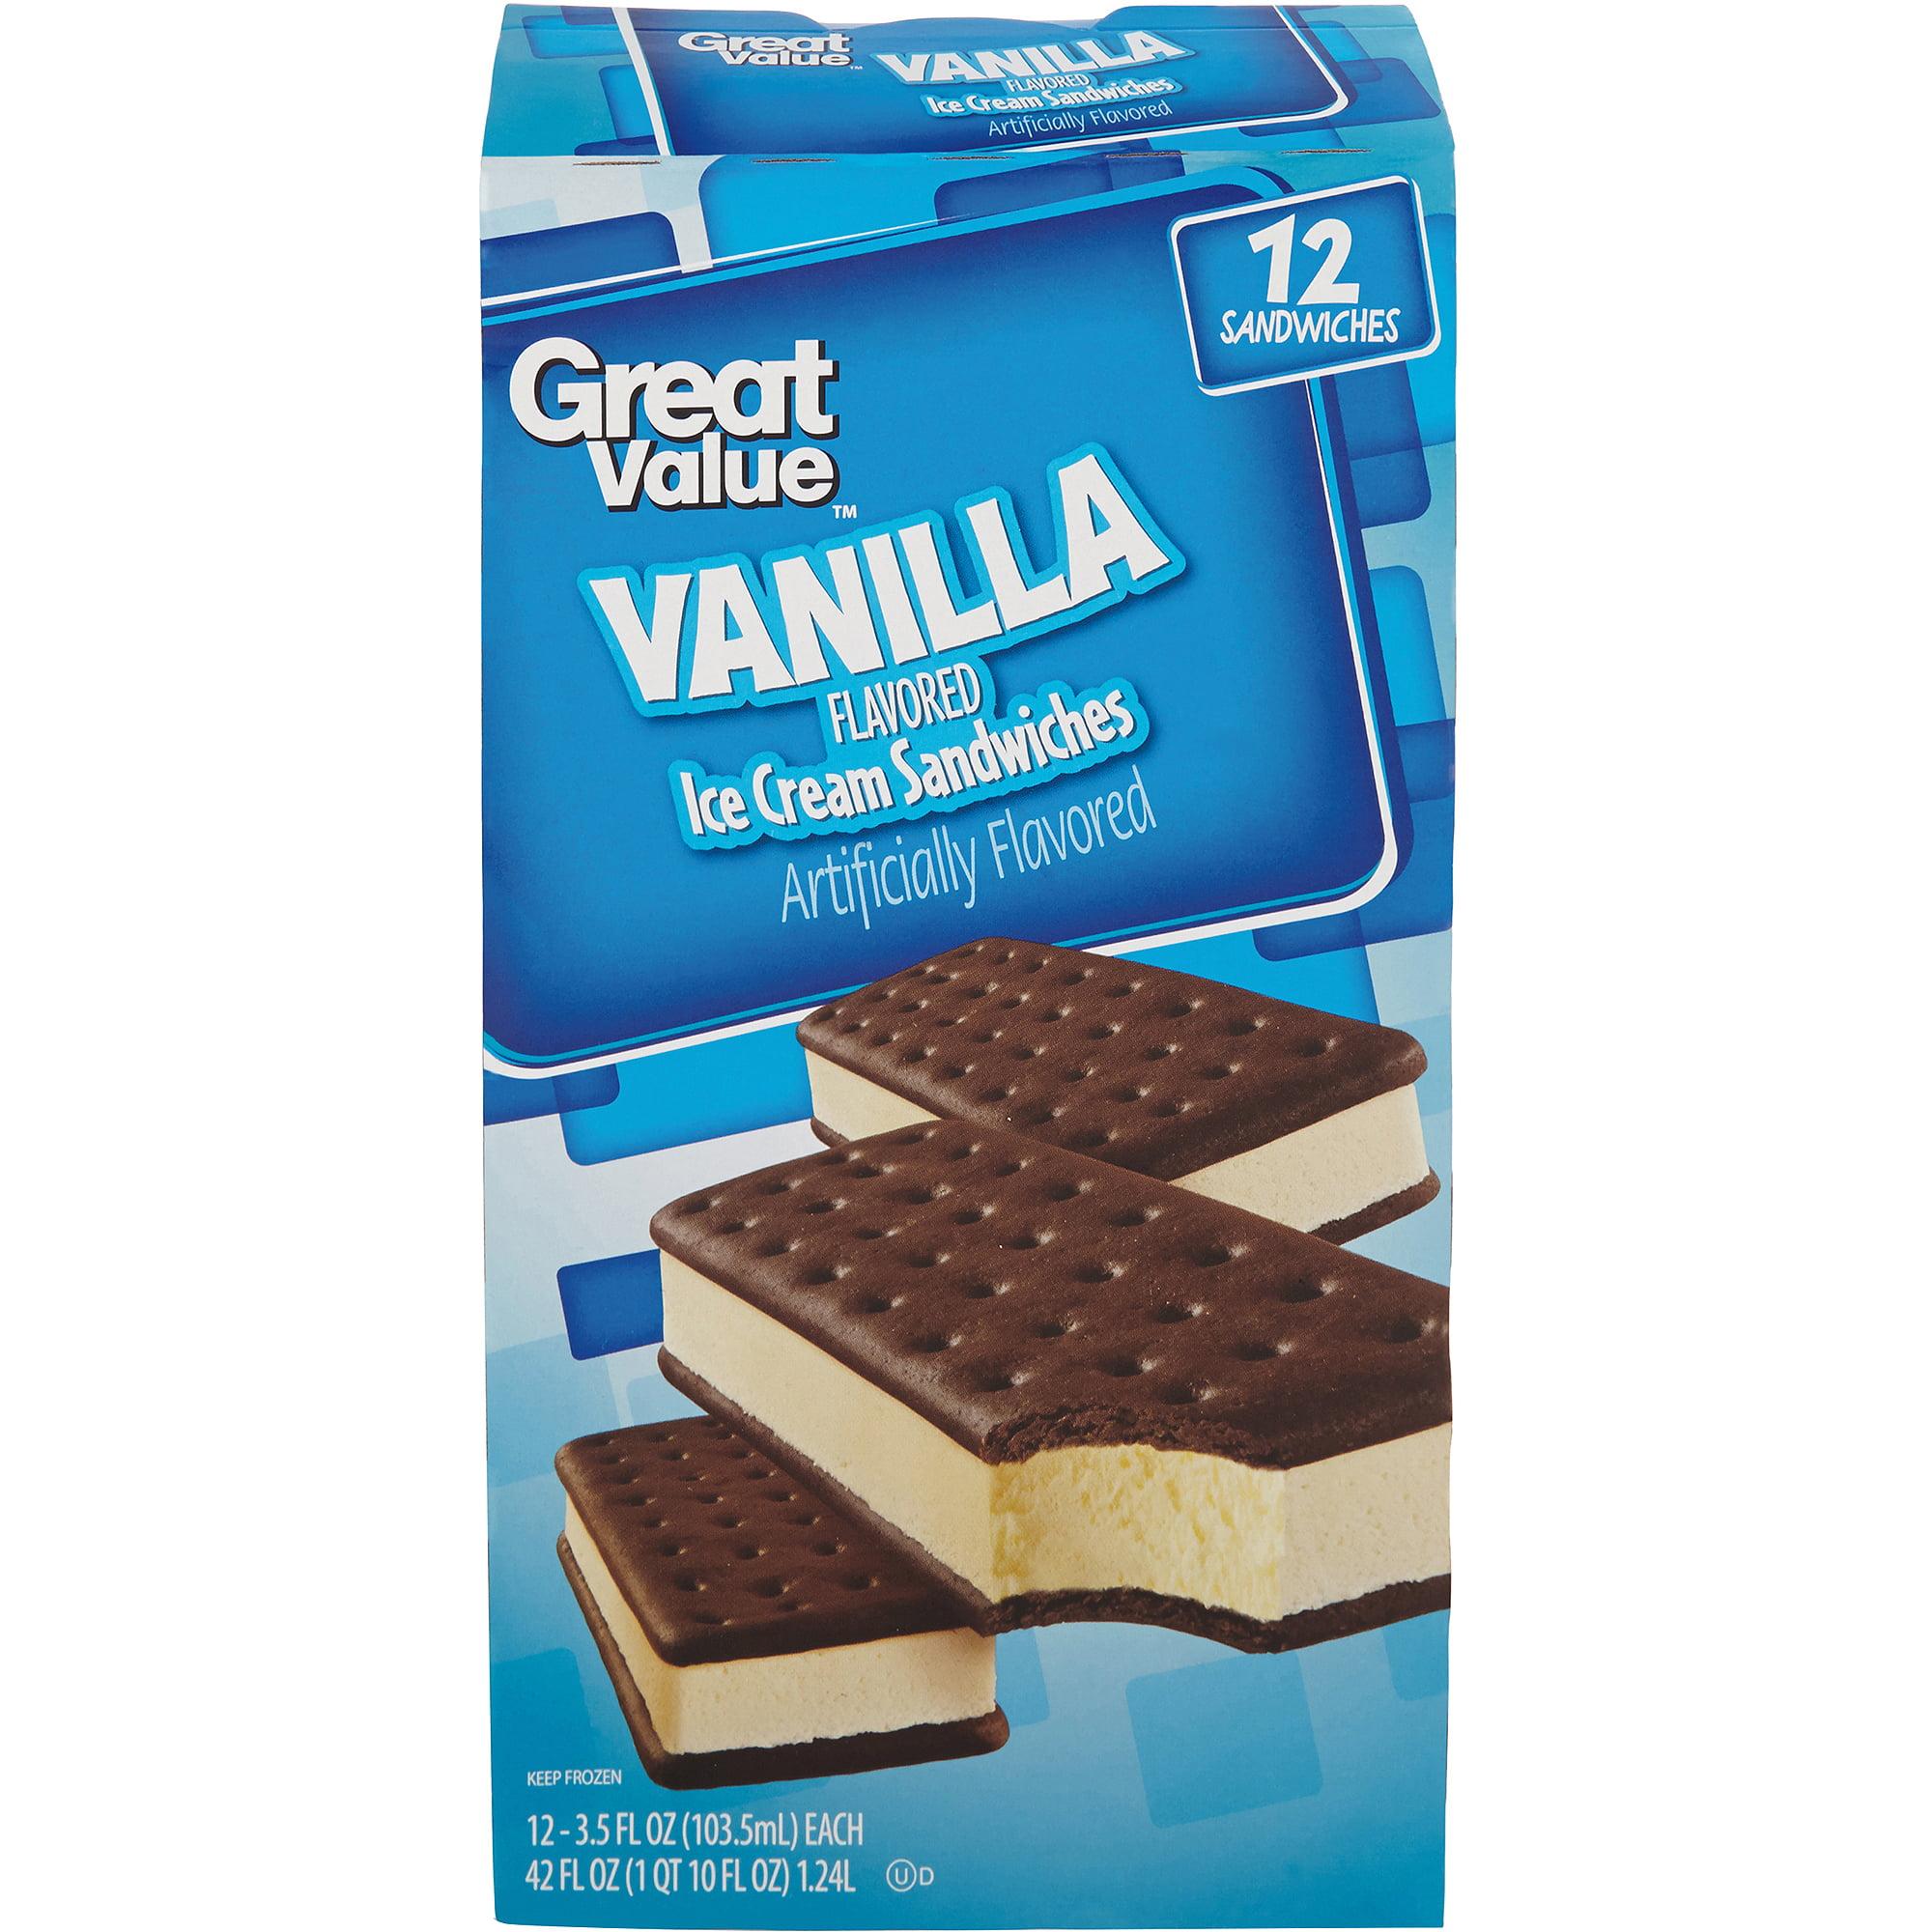 Great Value Vanilla Flavored Ice Cream Sandwiches, 3.5 fl oz, 12 count